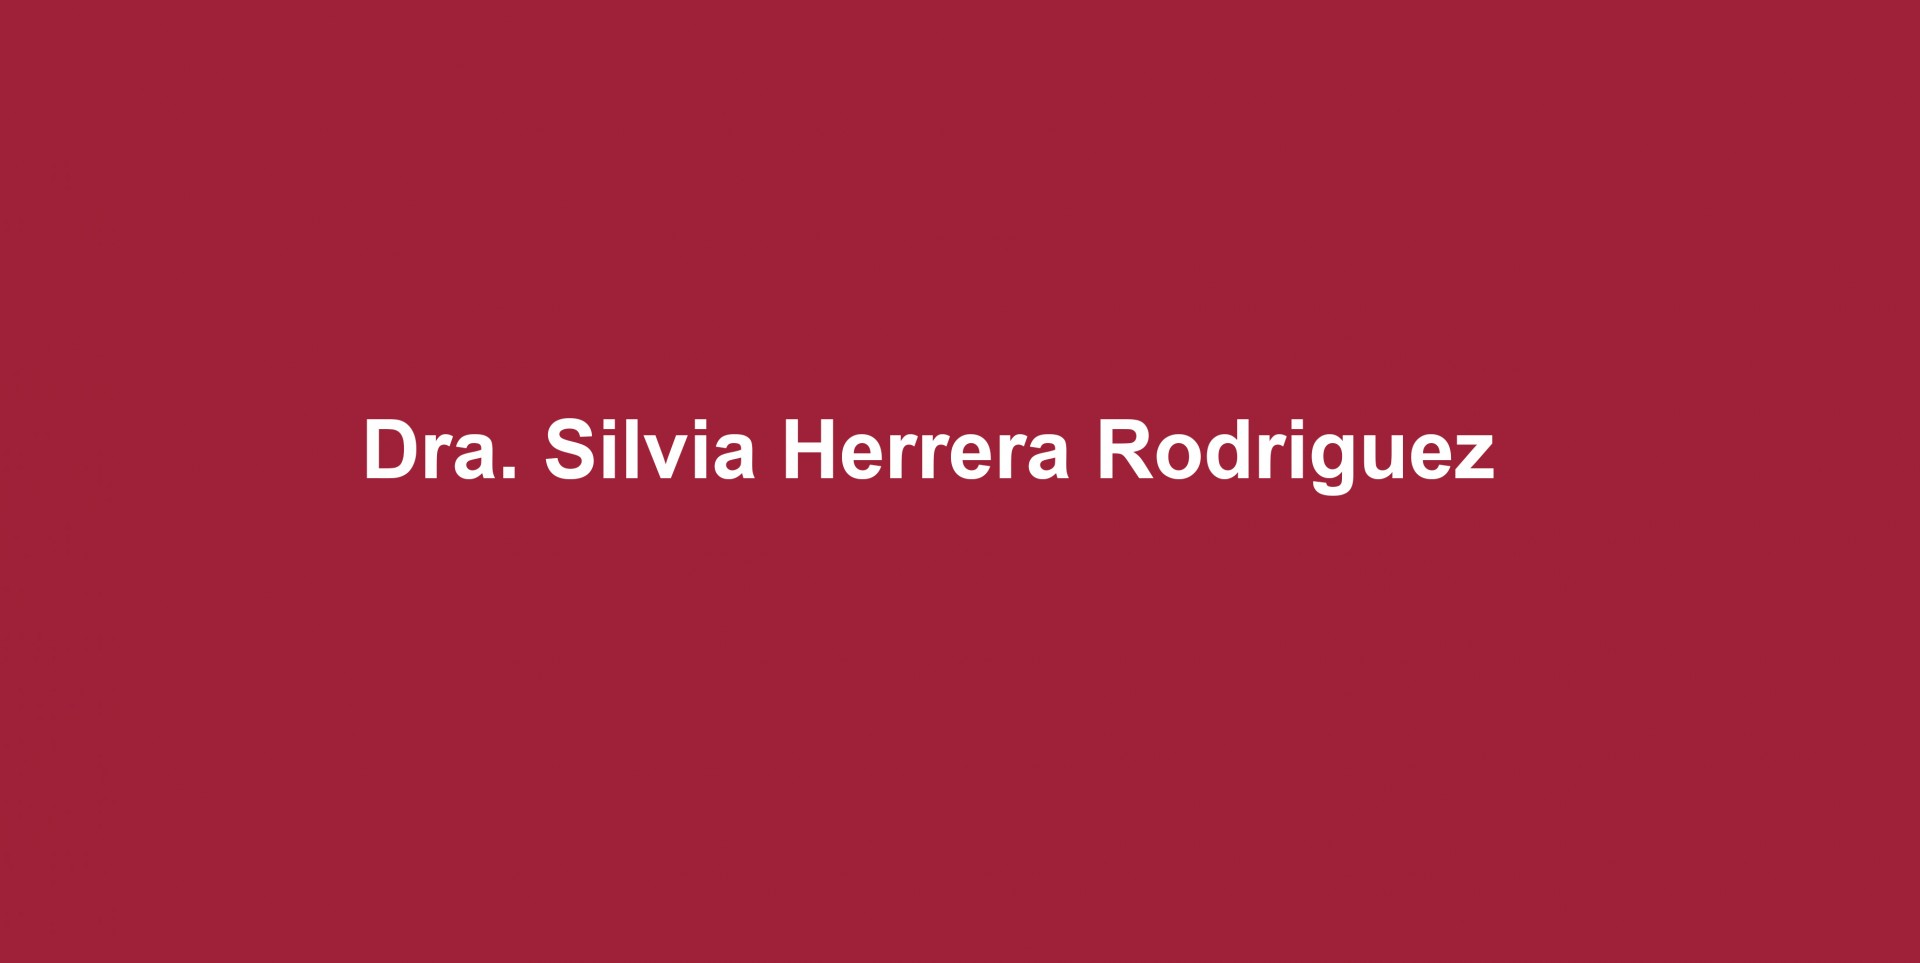 Dra. Silvia Herrera Rodriguez